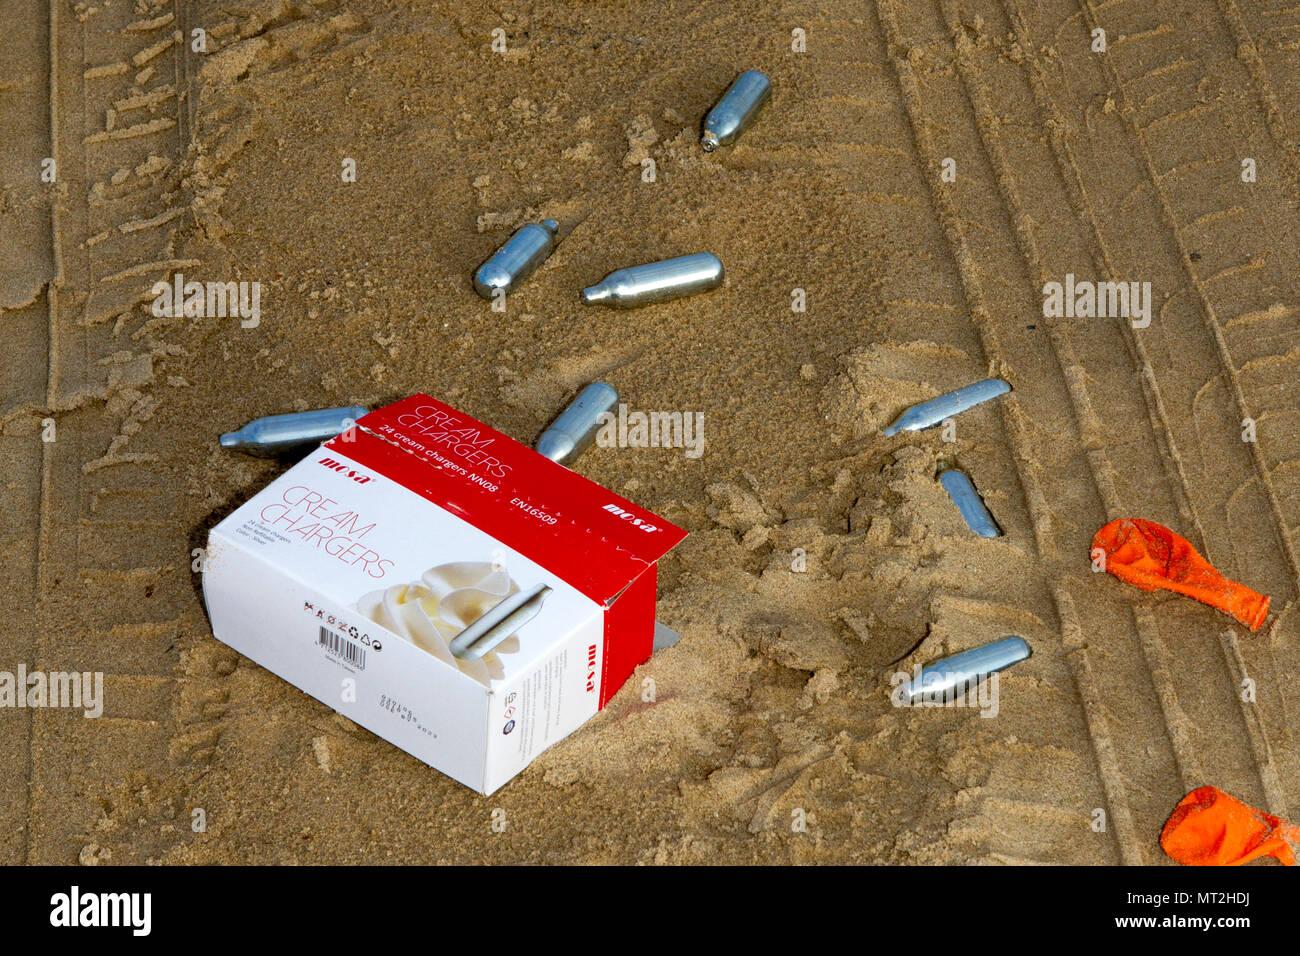 Plage sale, Southport, Merseyside. 28 mai 2018. Banque mondiale fêtards quittent les plages de Southport jonché d'ordures, jeté des barbecues et des canettes de bière vides. Les grains de beauté étaient couverts de détritus et de sacs de déchets étaient empilés à côté de poubelles débordent. De nombreux simplement laissé leurs déchets derrière après avoir des barbecues et des boissons en plein air - obligeant les escadrons de nettoyage de sauter dans l'action aujourd'hui. Alors que certains ont tenté d'effacer en plaçant leur litière près d'une poubelle, la nature sont encore entachés par des montagnes de déchets qui couve. Credit: Cernan Elias/Alamy Live News Banque D'Images